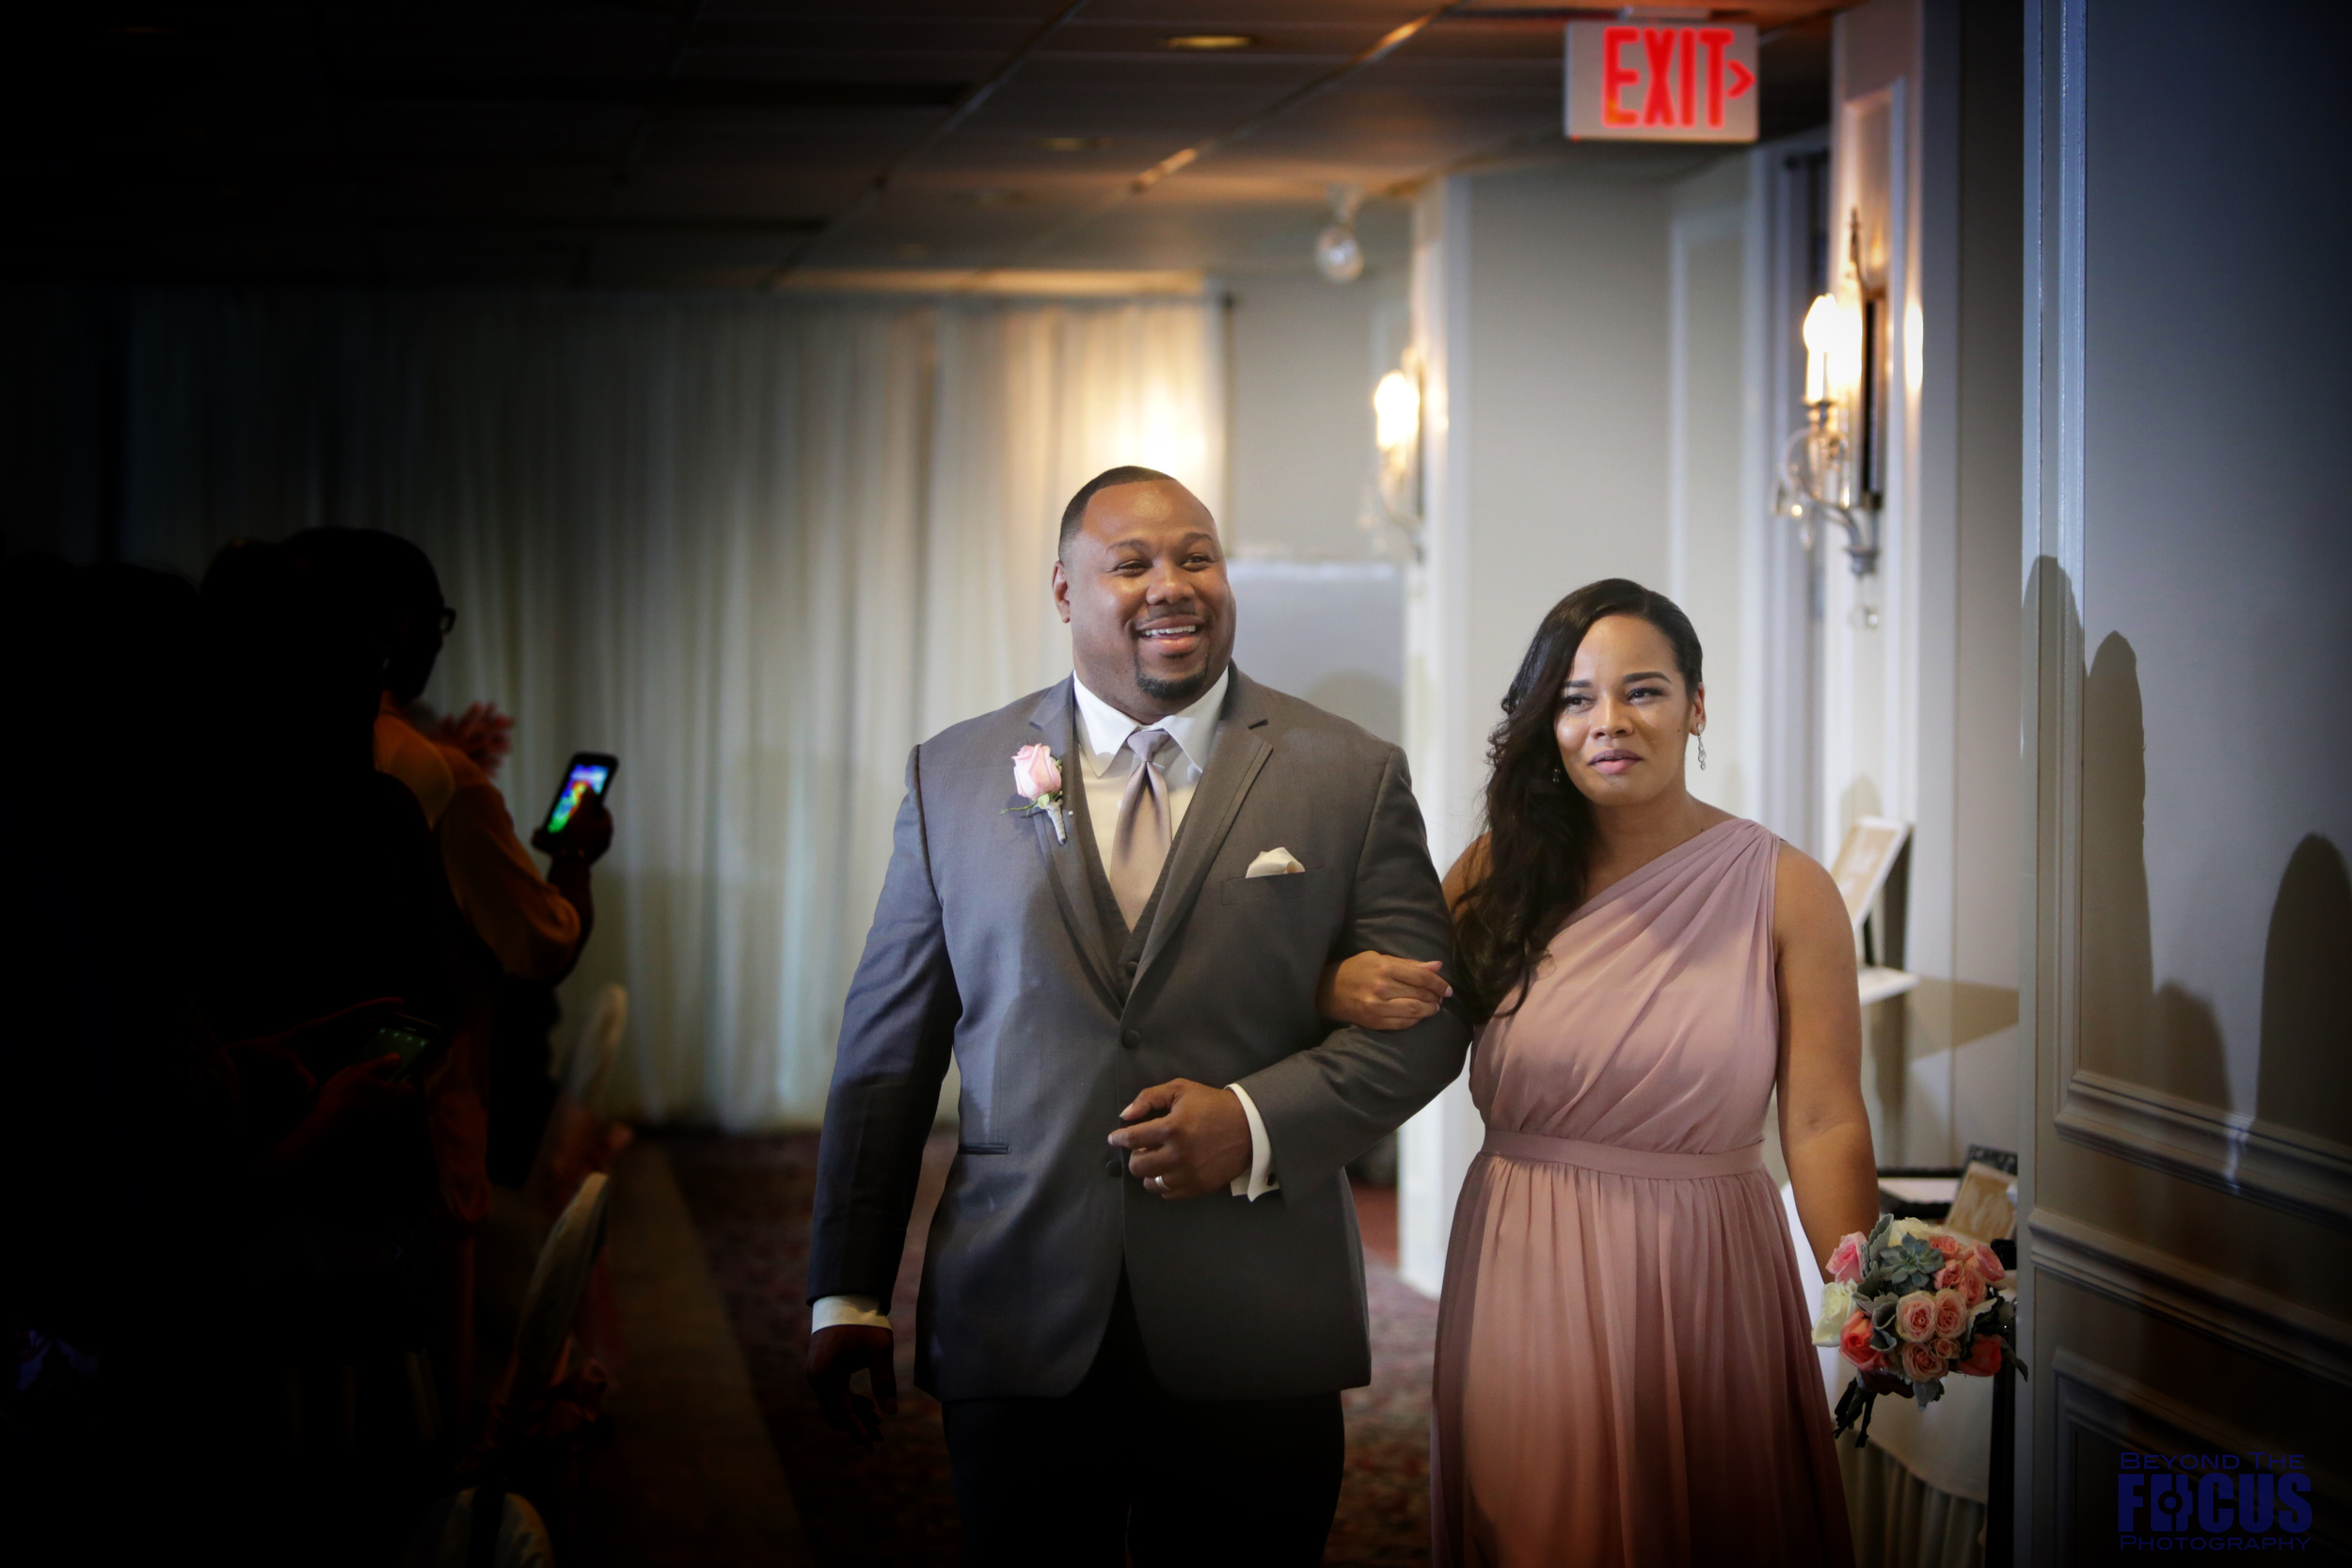 Palmer Wedding - Wedding Reception42.jpg